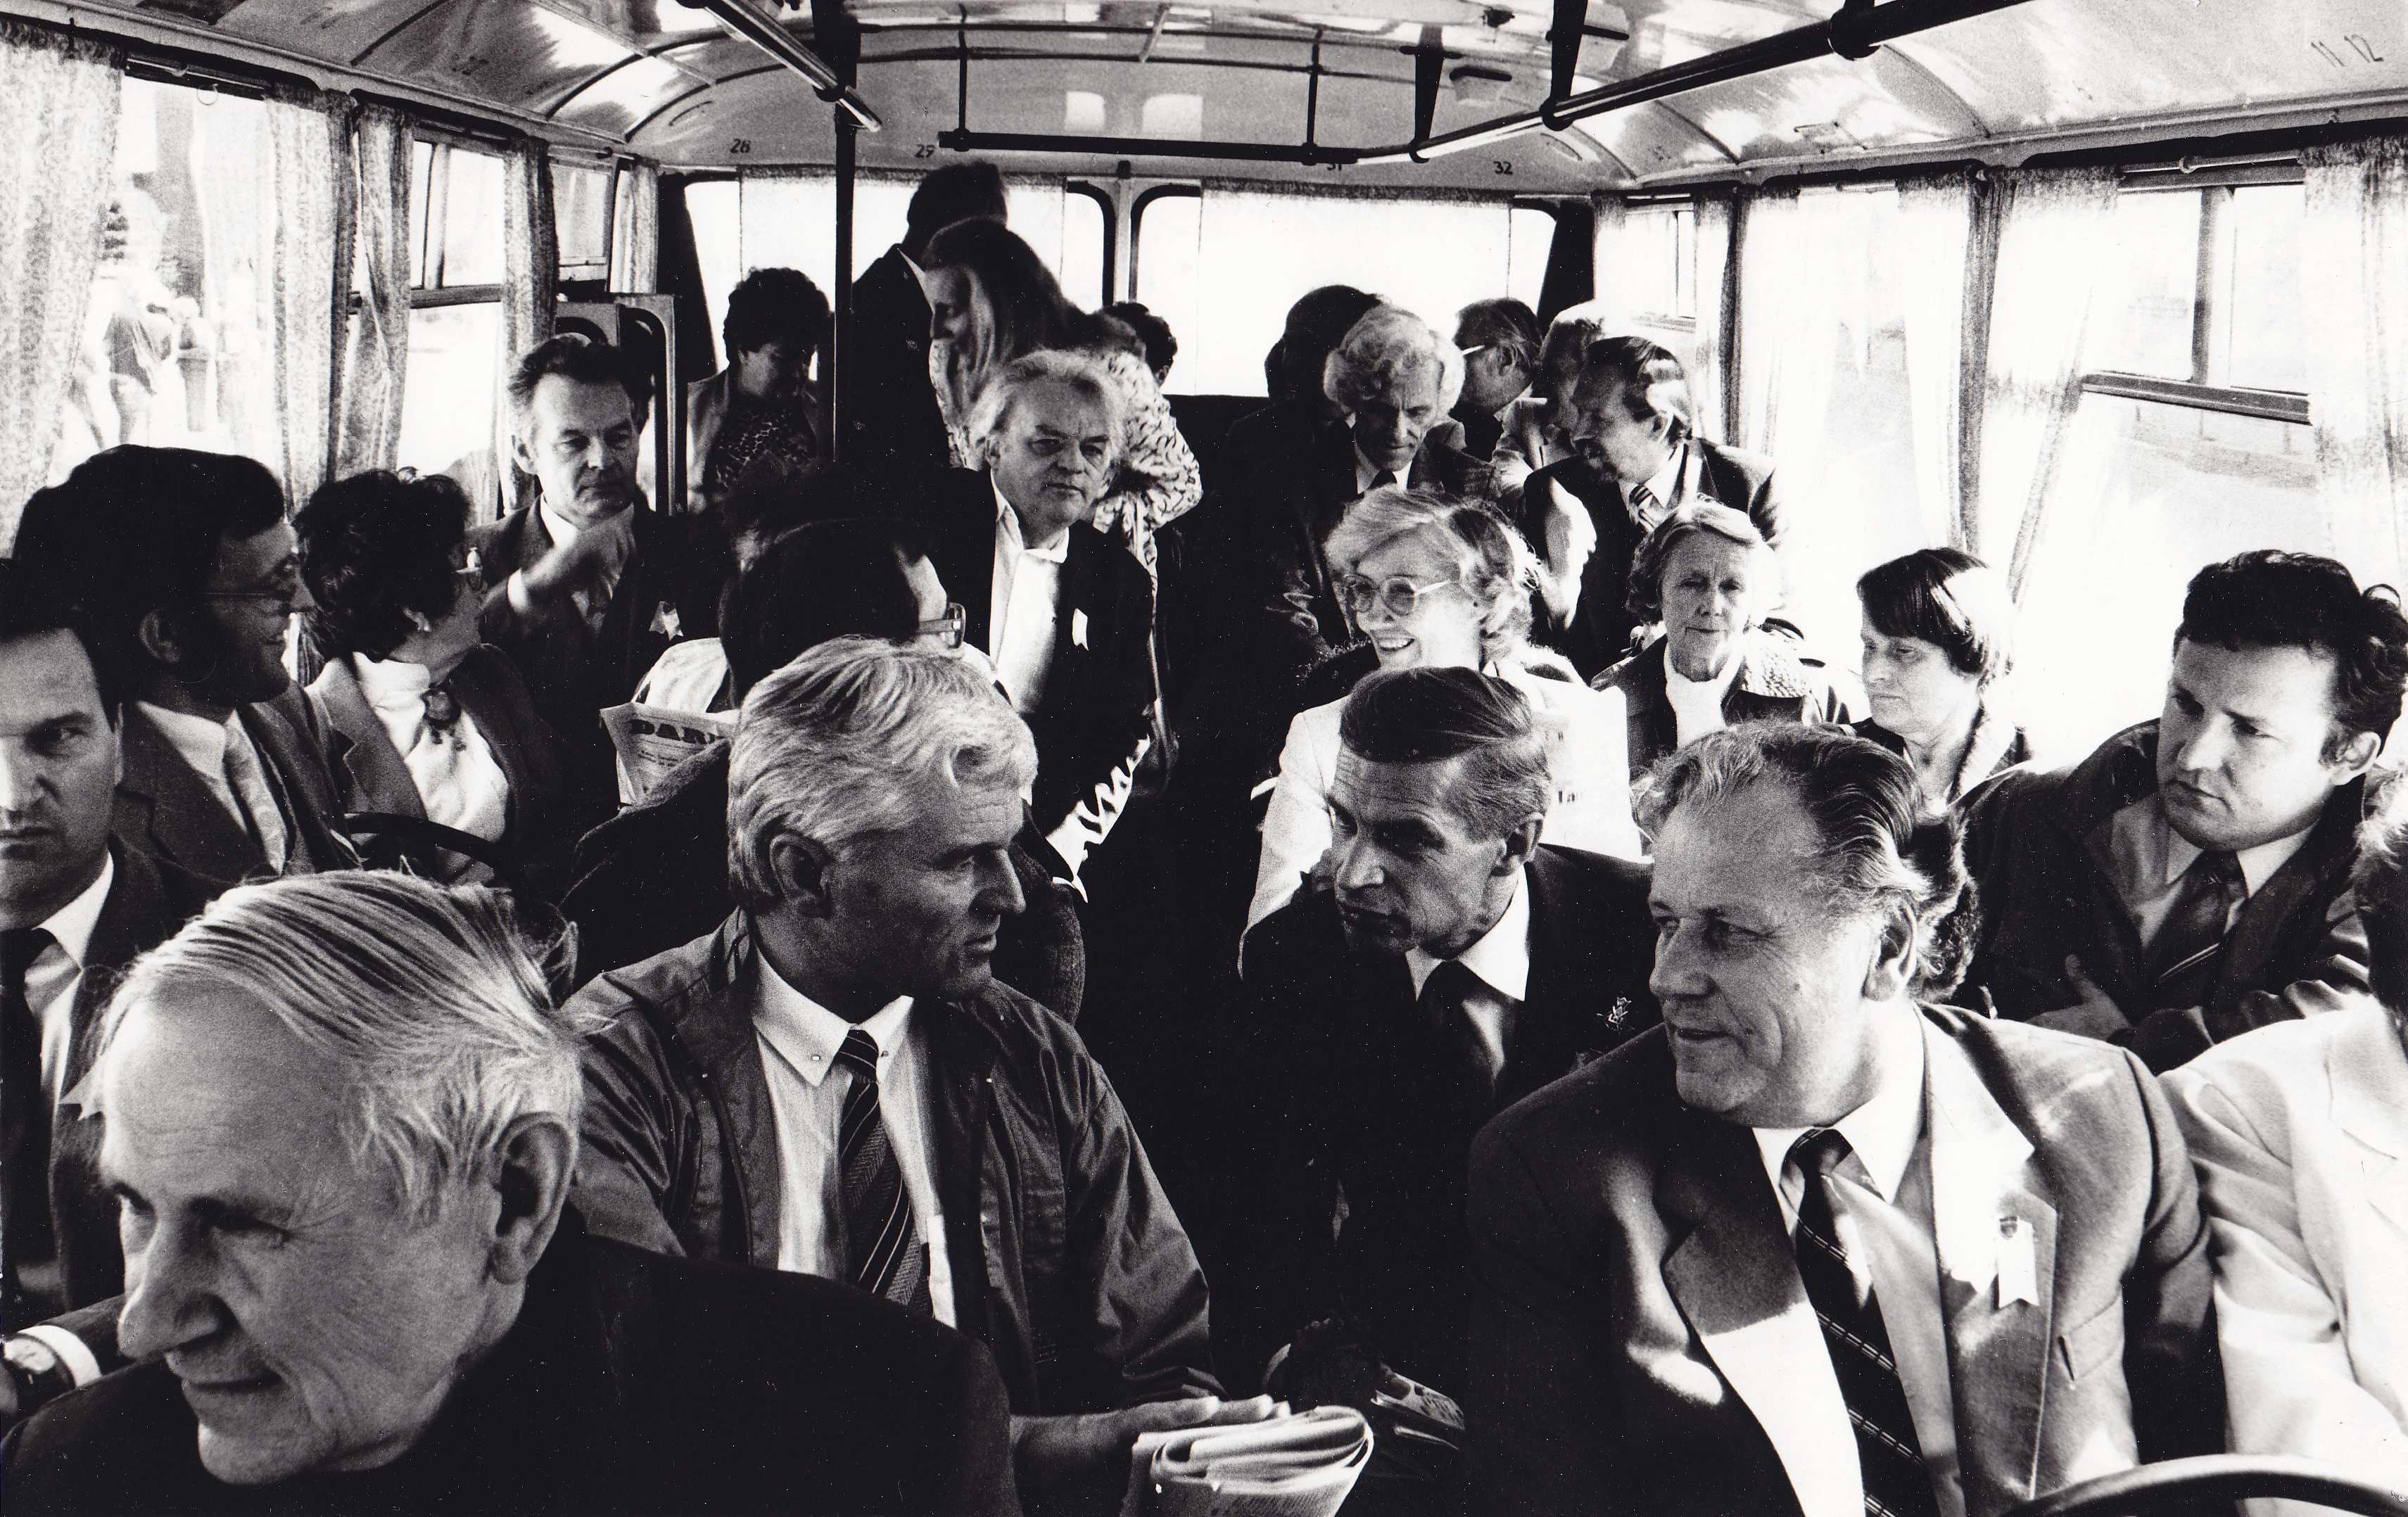 Pirmasis tėviškėnų sambūris 1989 metų rugsėjį. Vilniaus pasvaliečiai autobuse. Pirmoje eilėje iš kairės:  Juozas Tonkūnas, Petras Makrickas, antroje eilėje iš kairės: Vytautas Trinskis, Stepas Maciulevičius, Vygintas Stukelis, Rimas Makrickas, trečioje ei